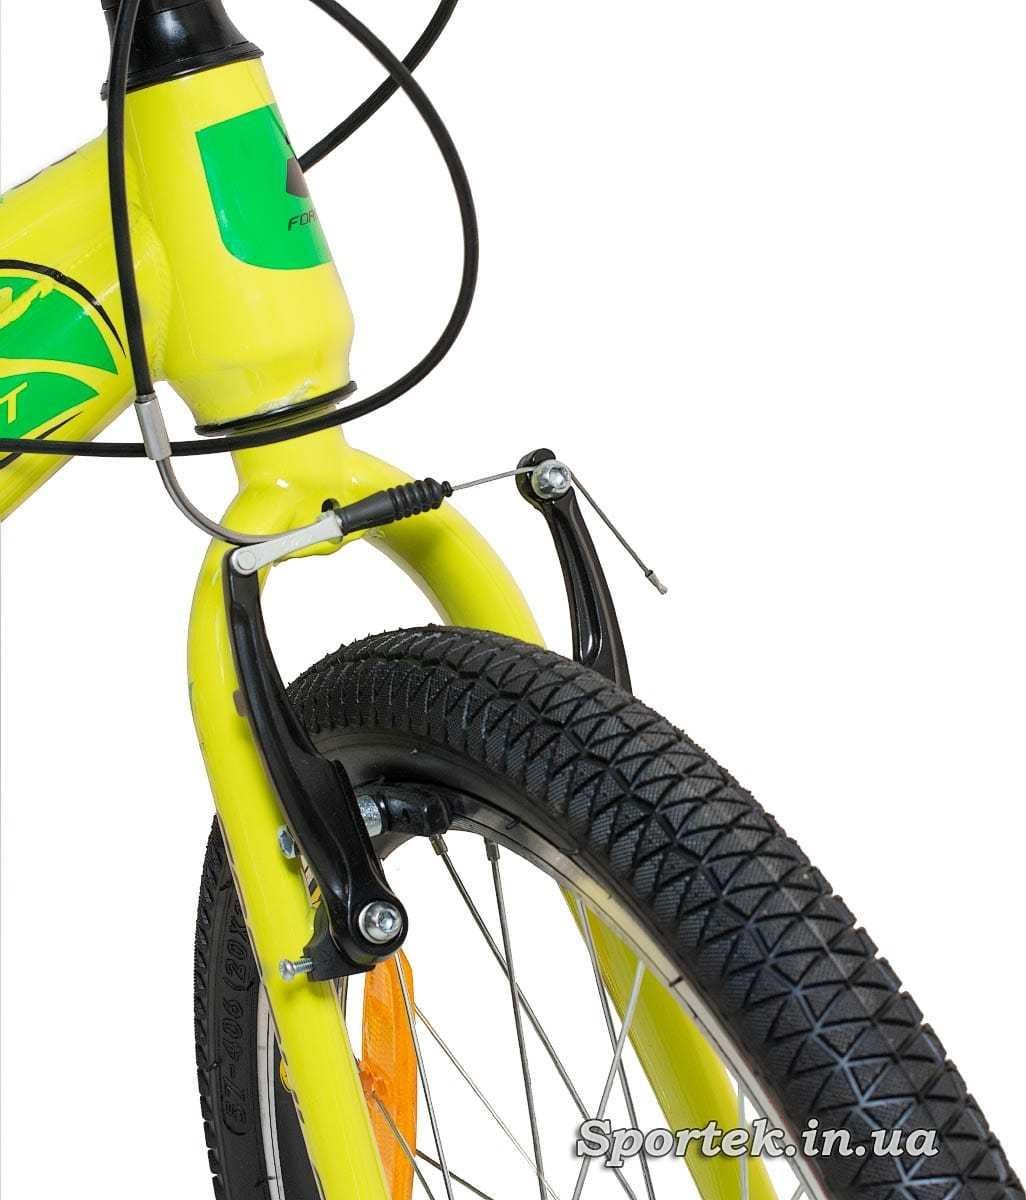 Переднє колесо і гальмо гірського дитячого велосипеда Formula Lim